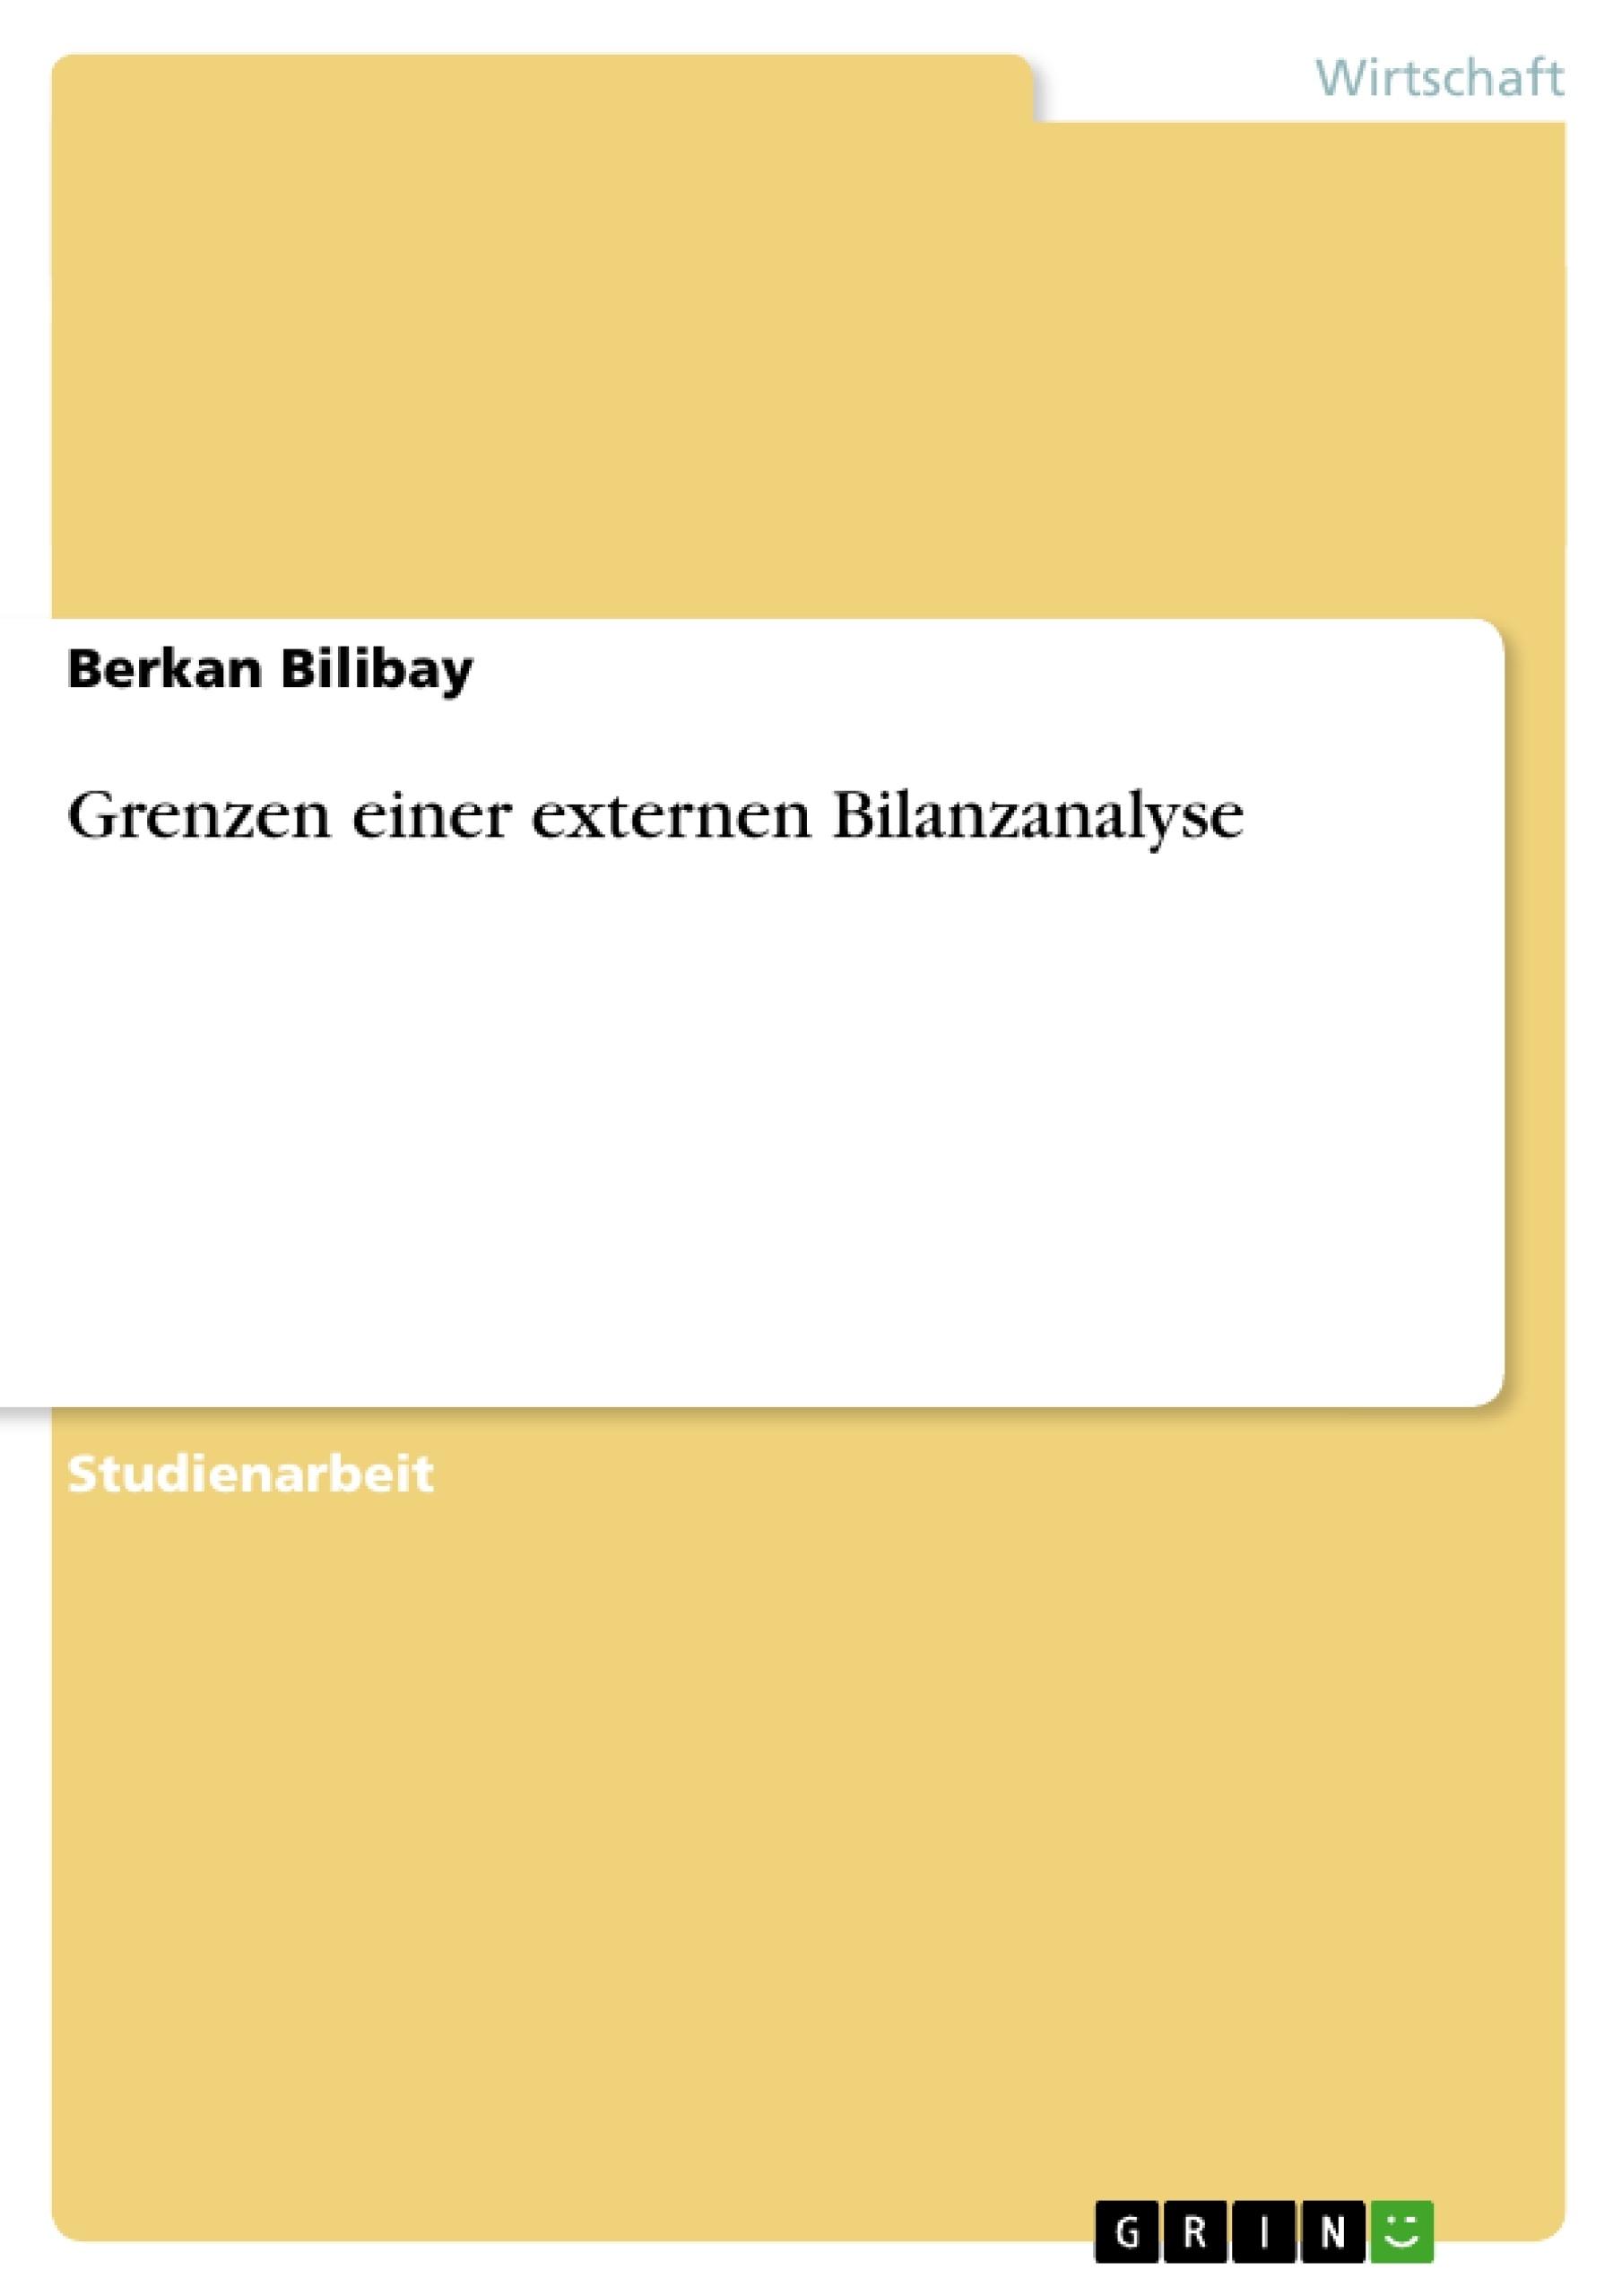 Titel: Grenzen einer externen Bilanzanalyse